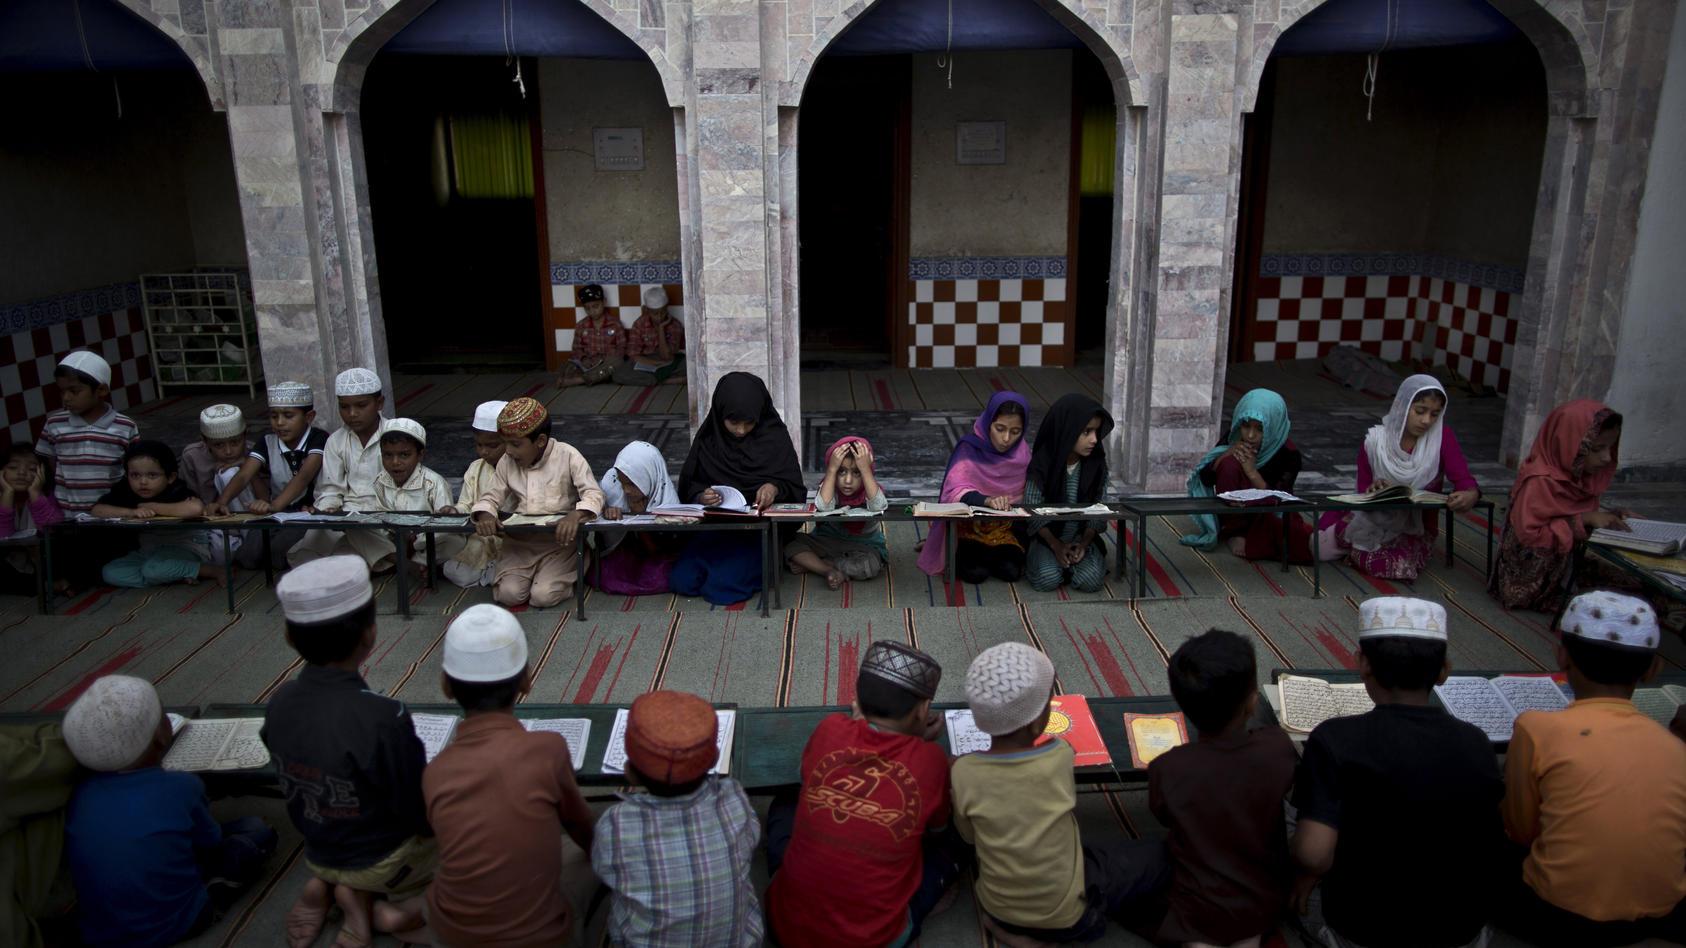 Symbolbild: Islamische Kinder in Pakistan besuchen eine Madrasa (eine religiöse Schule) in Islamabad. (AP Photo/Muhammed Muheisen)